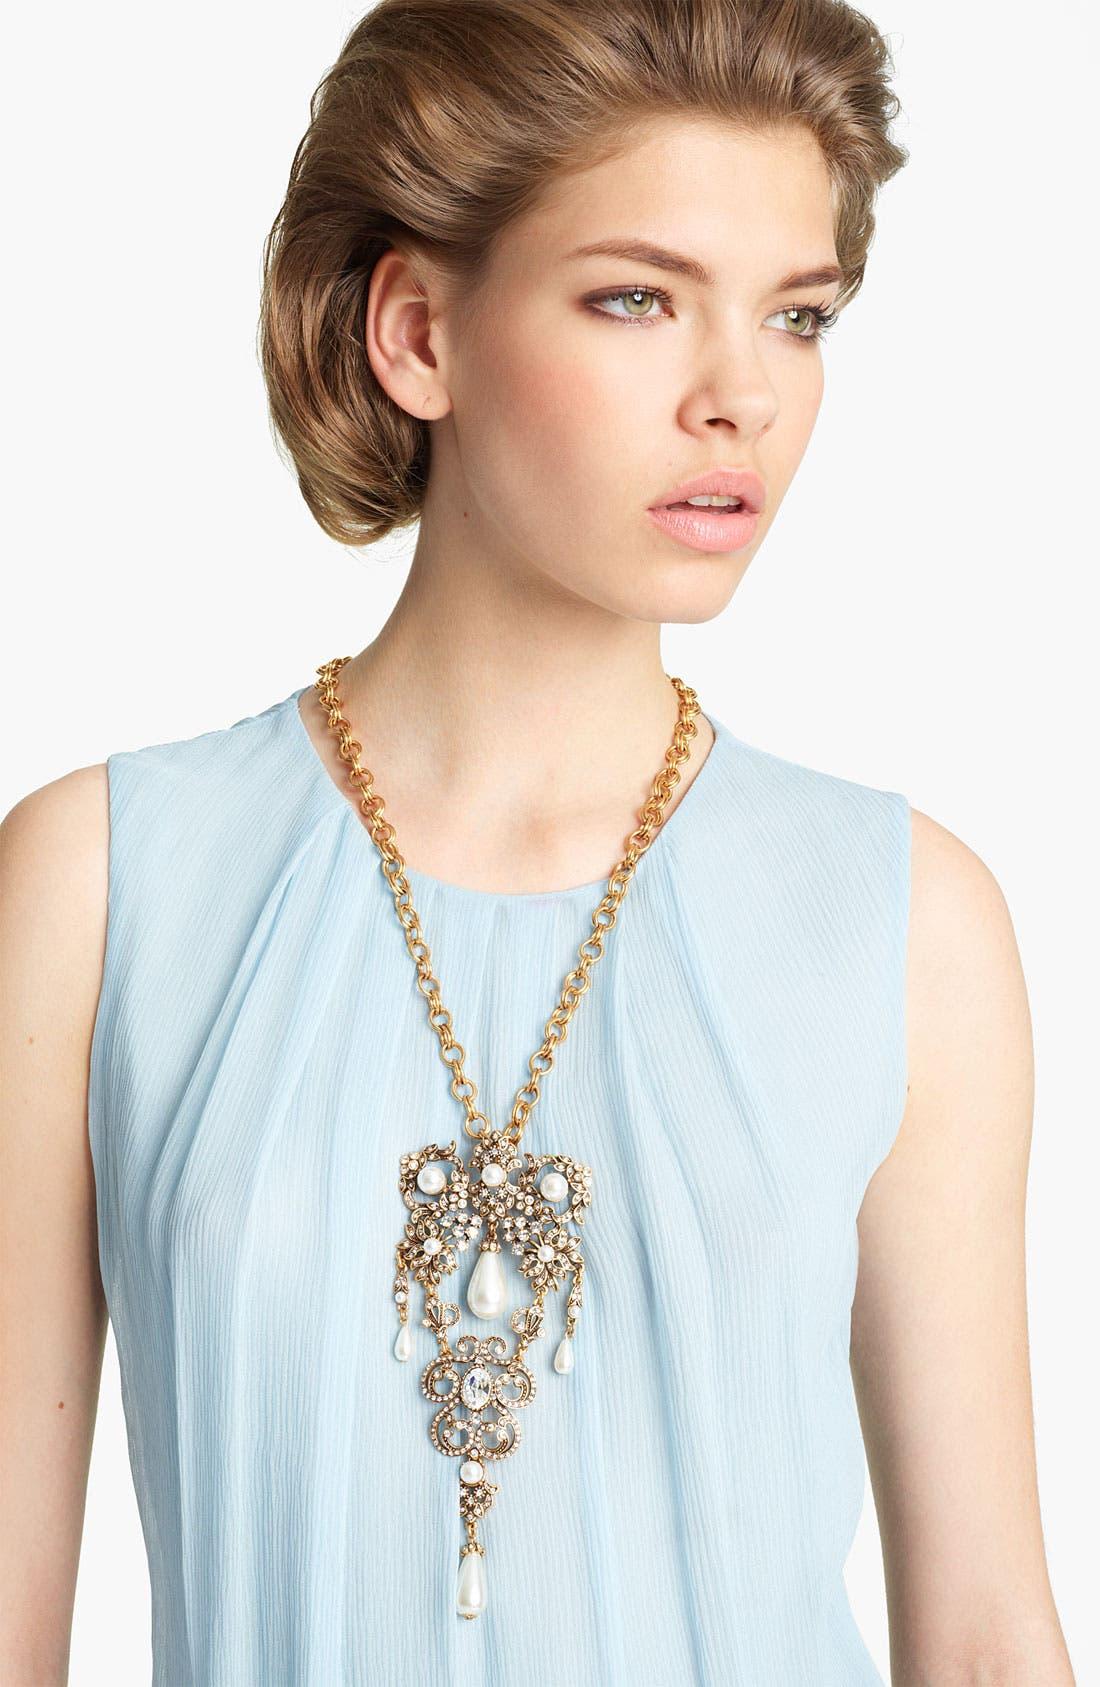 Alternate Image 1 Selected - Oscar de la Renta 'Baroque' Jeweled Brooch Necklace